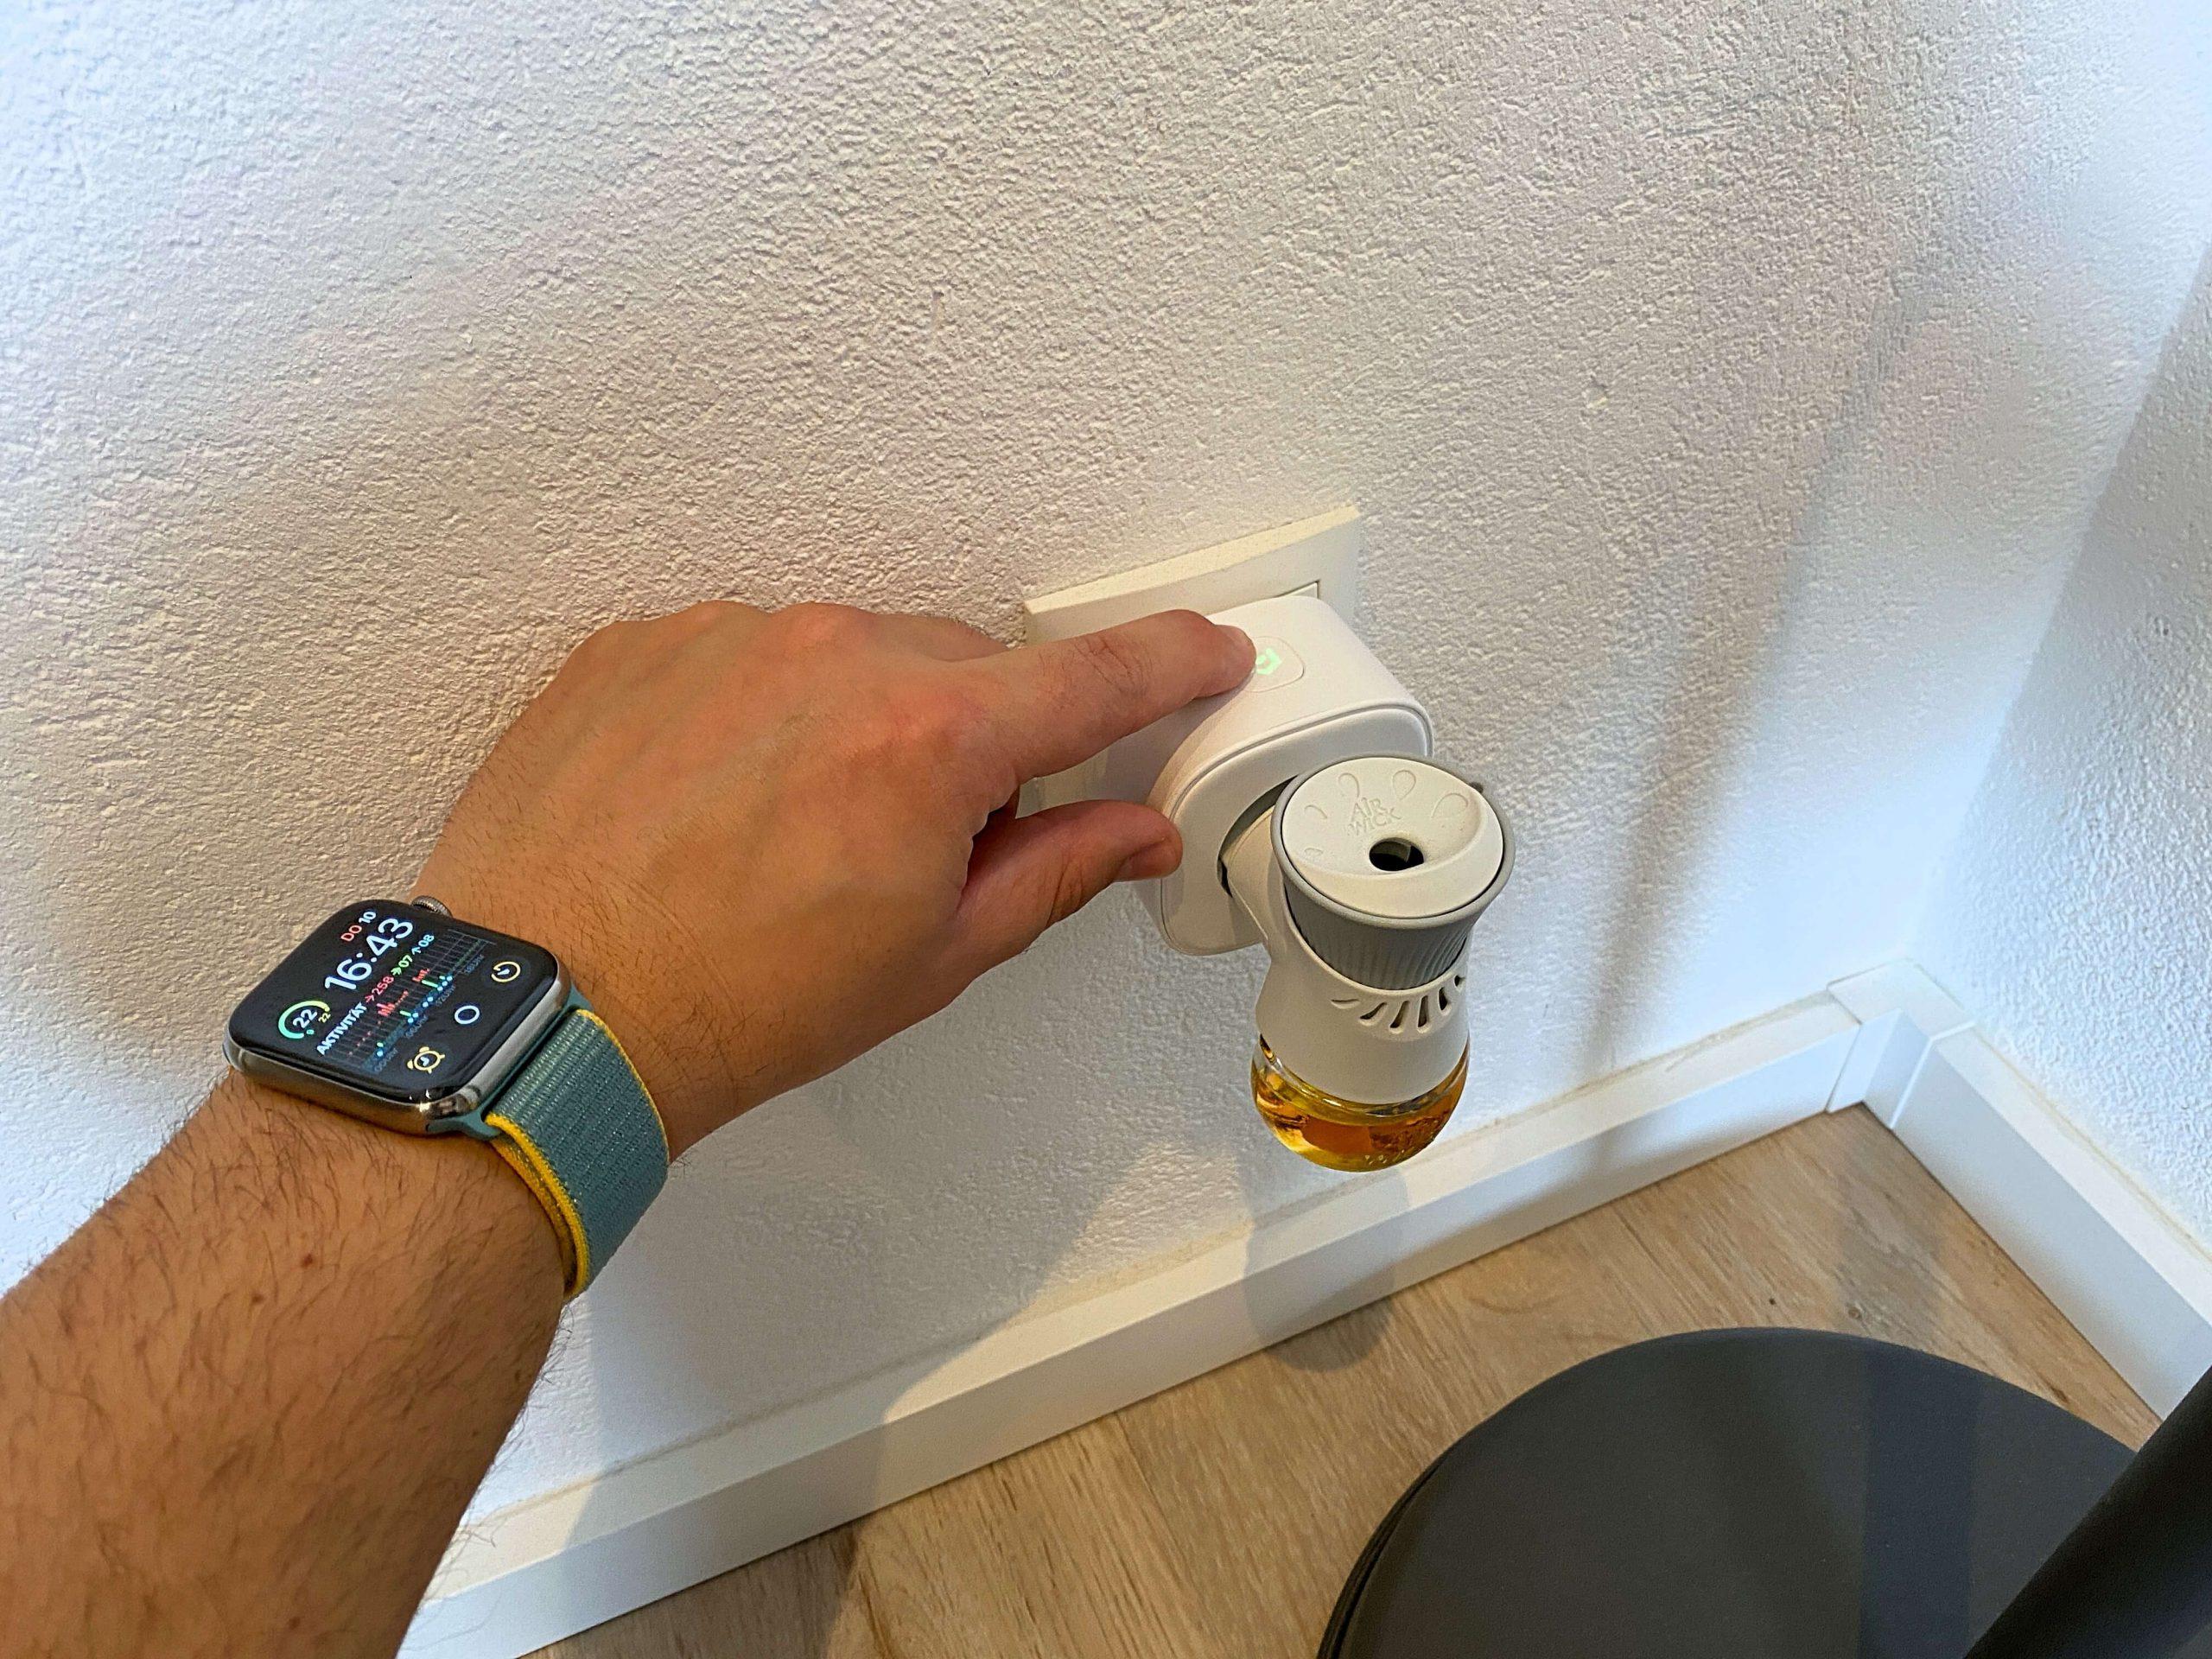 Zwischenstecker-von-Meross-eingesteckte-Geraete-via-Apple-HomeKit-bedienen4-scaled Zwischenstecker von Meross - eingesteckte Geräte via Apple HomeKit bedienen